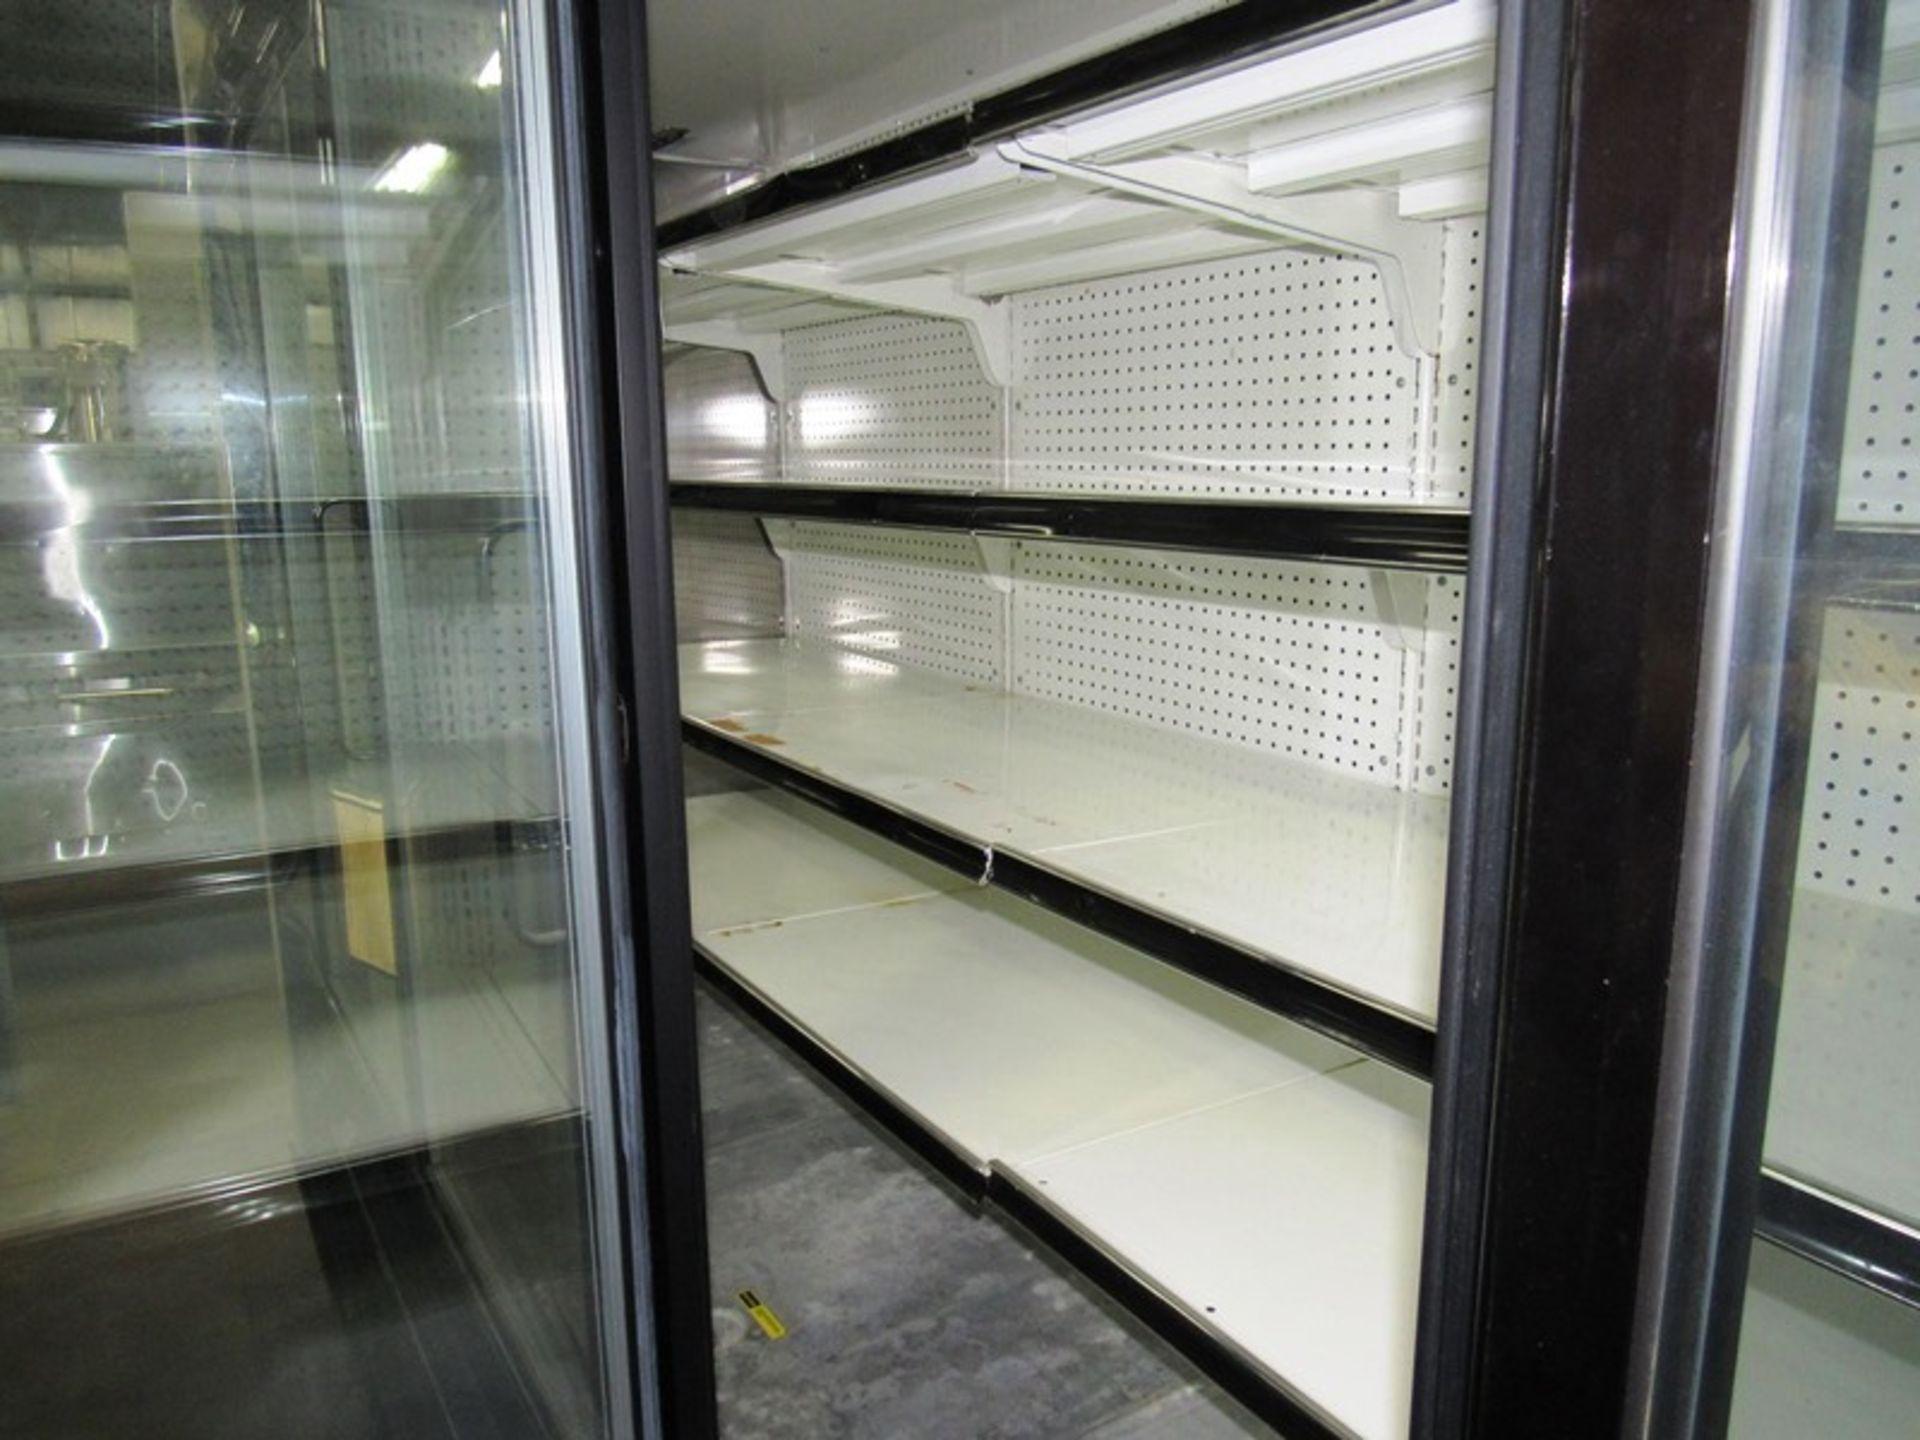 """Kysor-Warren Mdl. LV5HI-4U Display Cooler, 4 doors with inside shelves, 45"""" W X 124"""" L X 83"""" T - Image 3 of 3"""